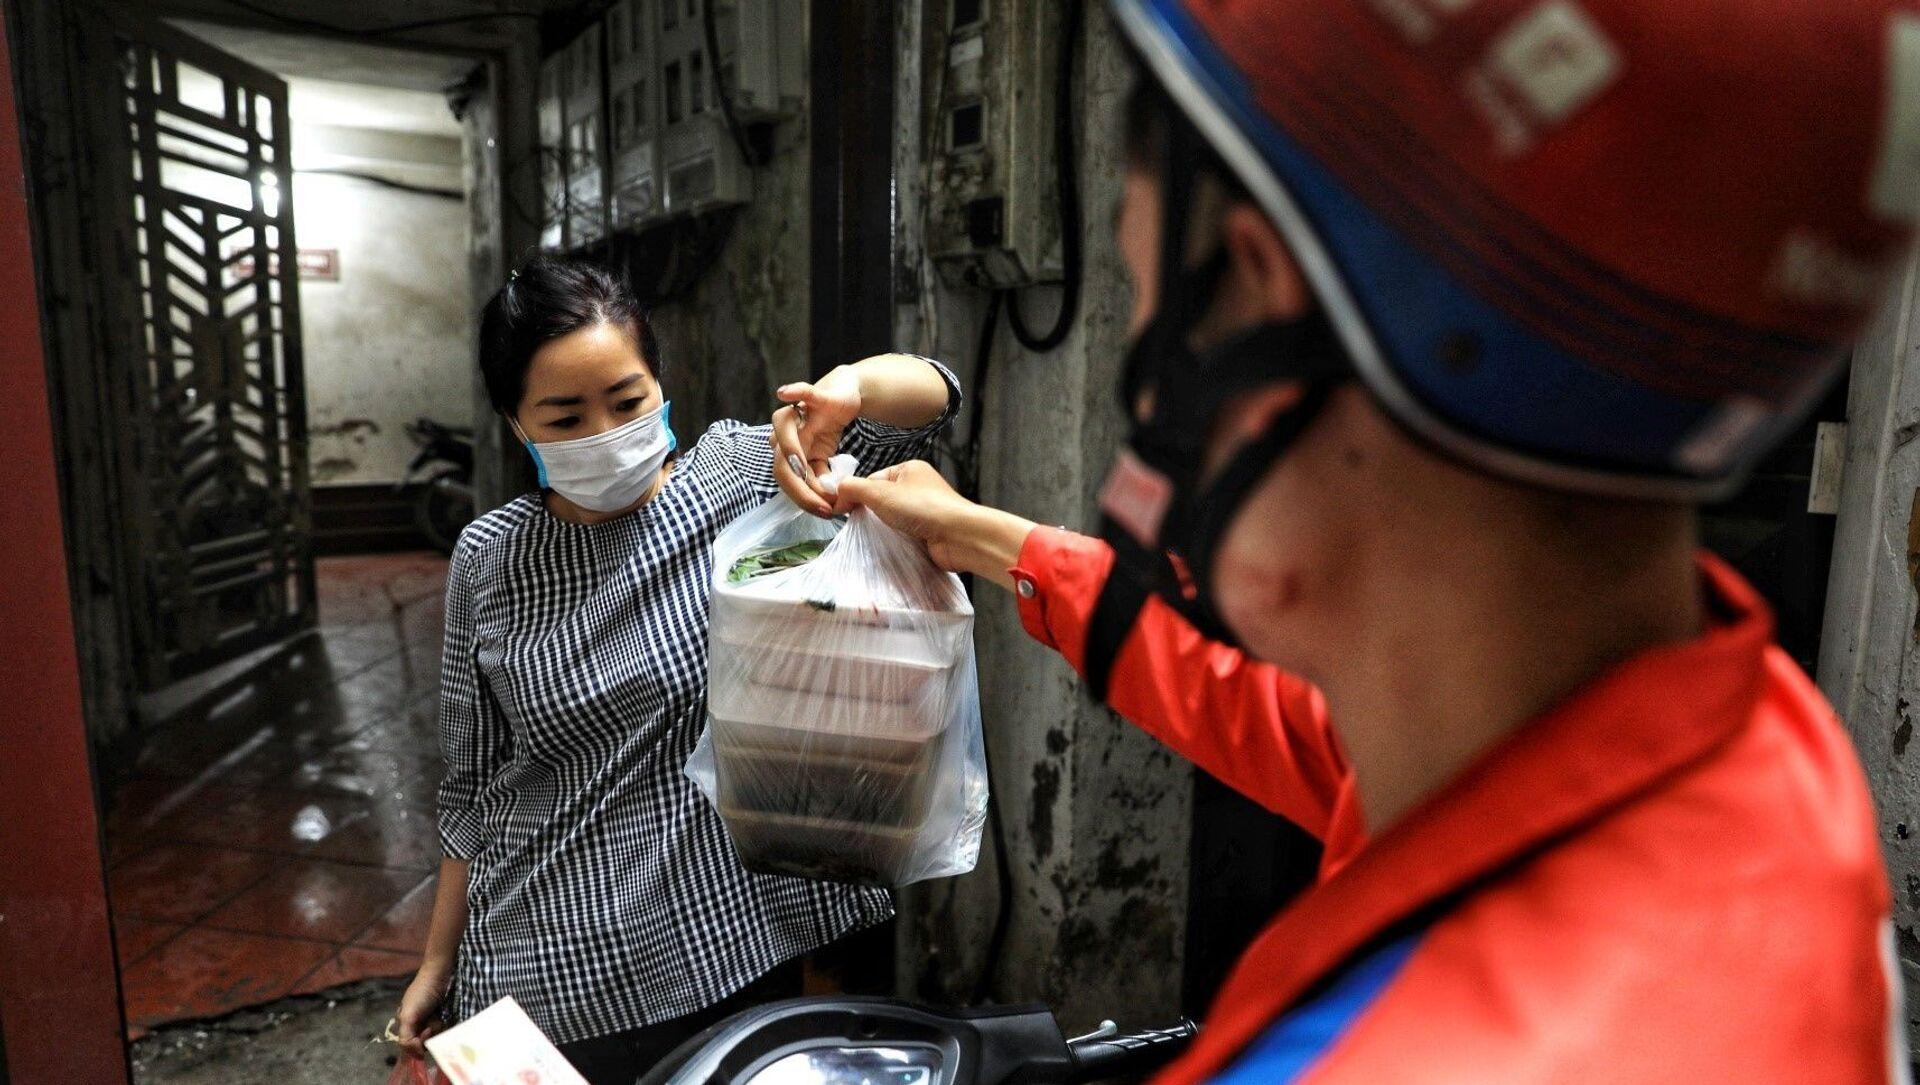 Dịch vụ giao đồ ăn đến tận nhà rất thuận tiện cho người tiêu dùng nhưng không thể tránh được việc tiếp xúc với người mua chính là nguy cơ lây lan dịch bệnh (ảnh tư liệu) - Sputnik Việt Nam, 1920, 28.07.2021